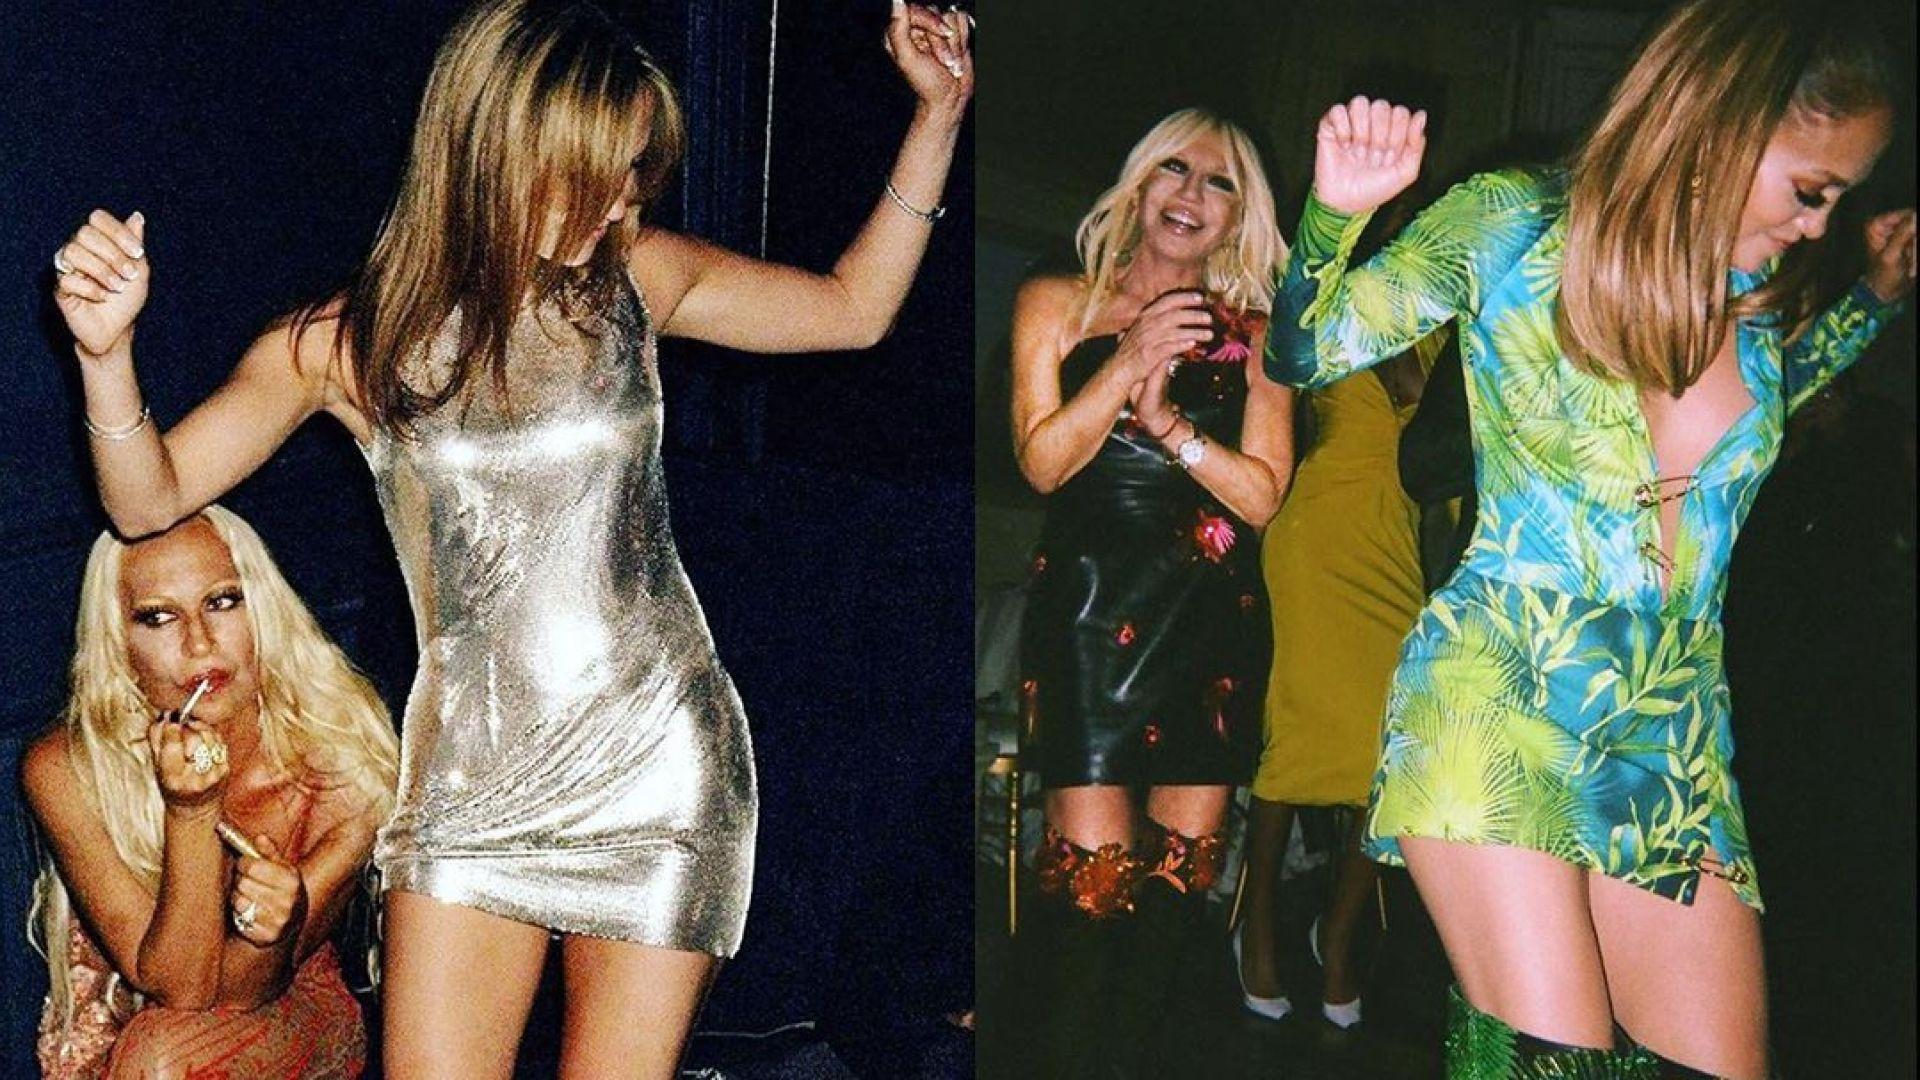 20 години разлика: Донатела Версаче сподели снимки с Джей Ло